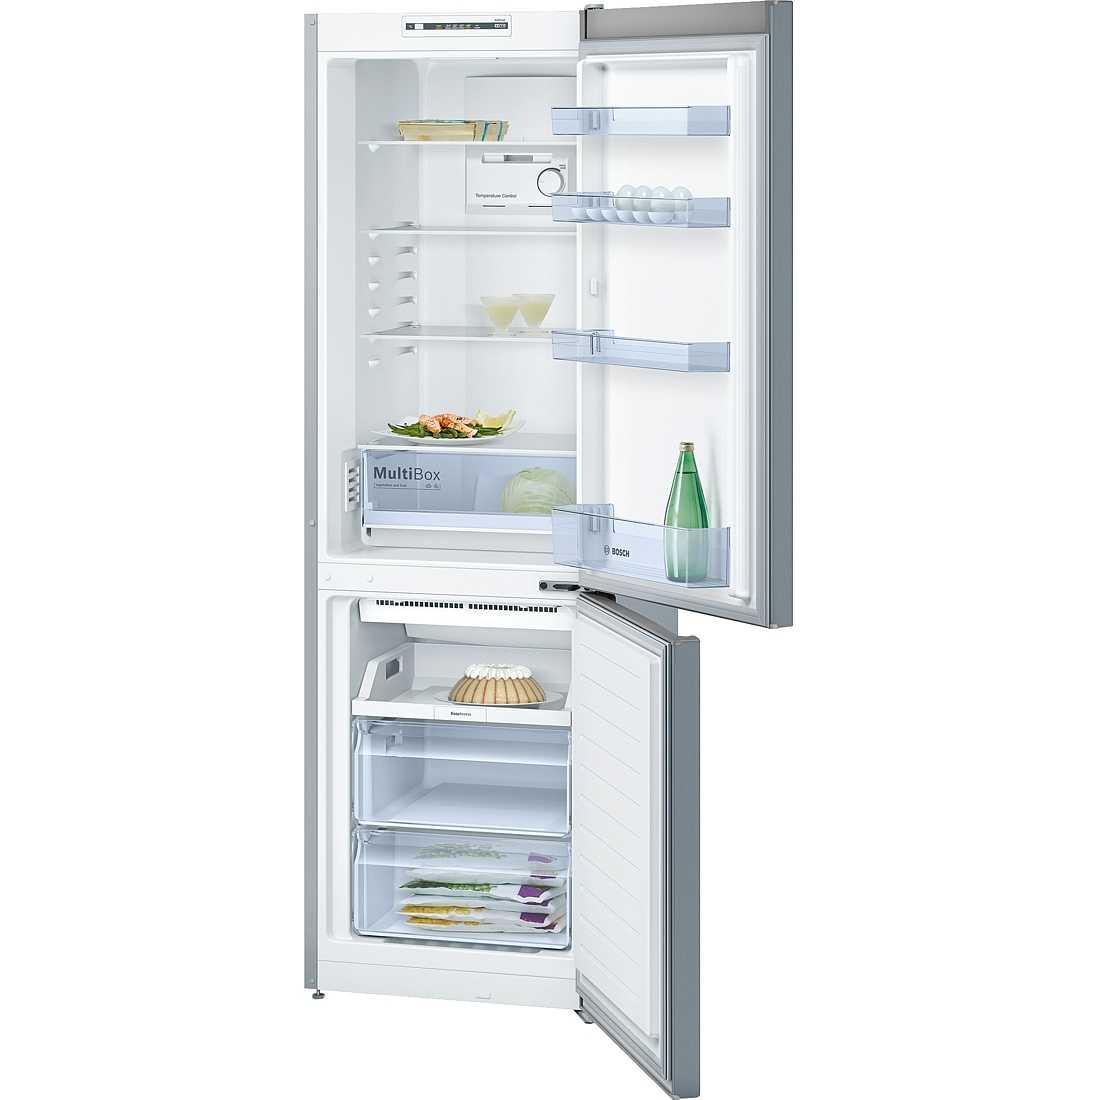 KGN36NL30 Bosch frigorifero combinato classe A++ 302 litri NoFrost ...